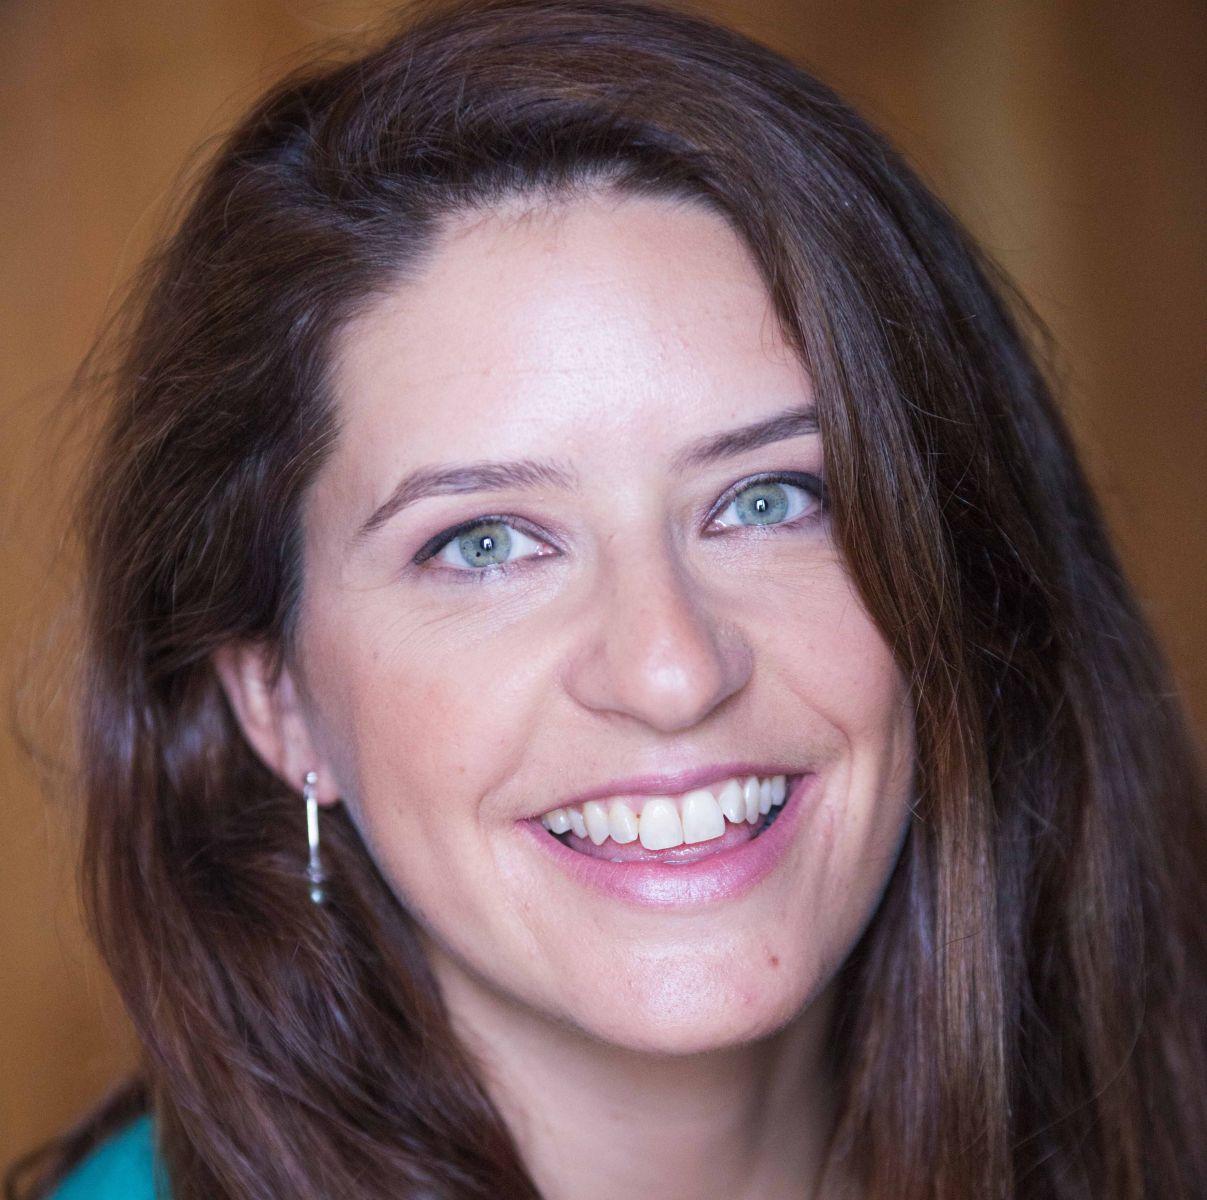 Sarah Divine